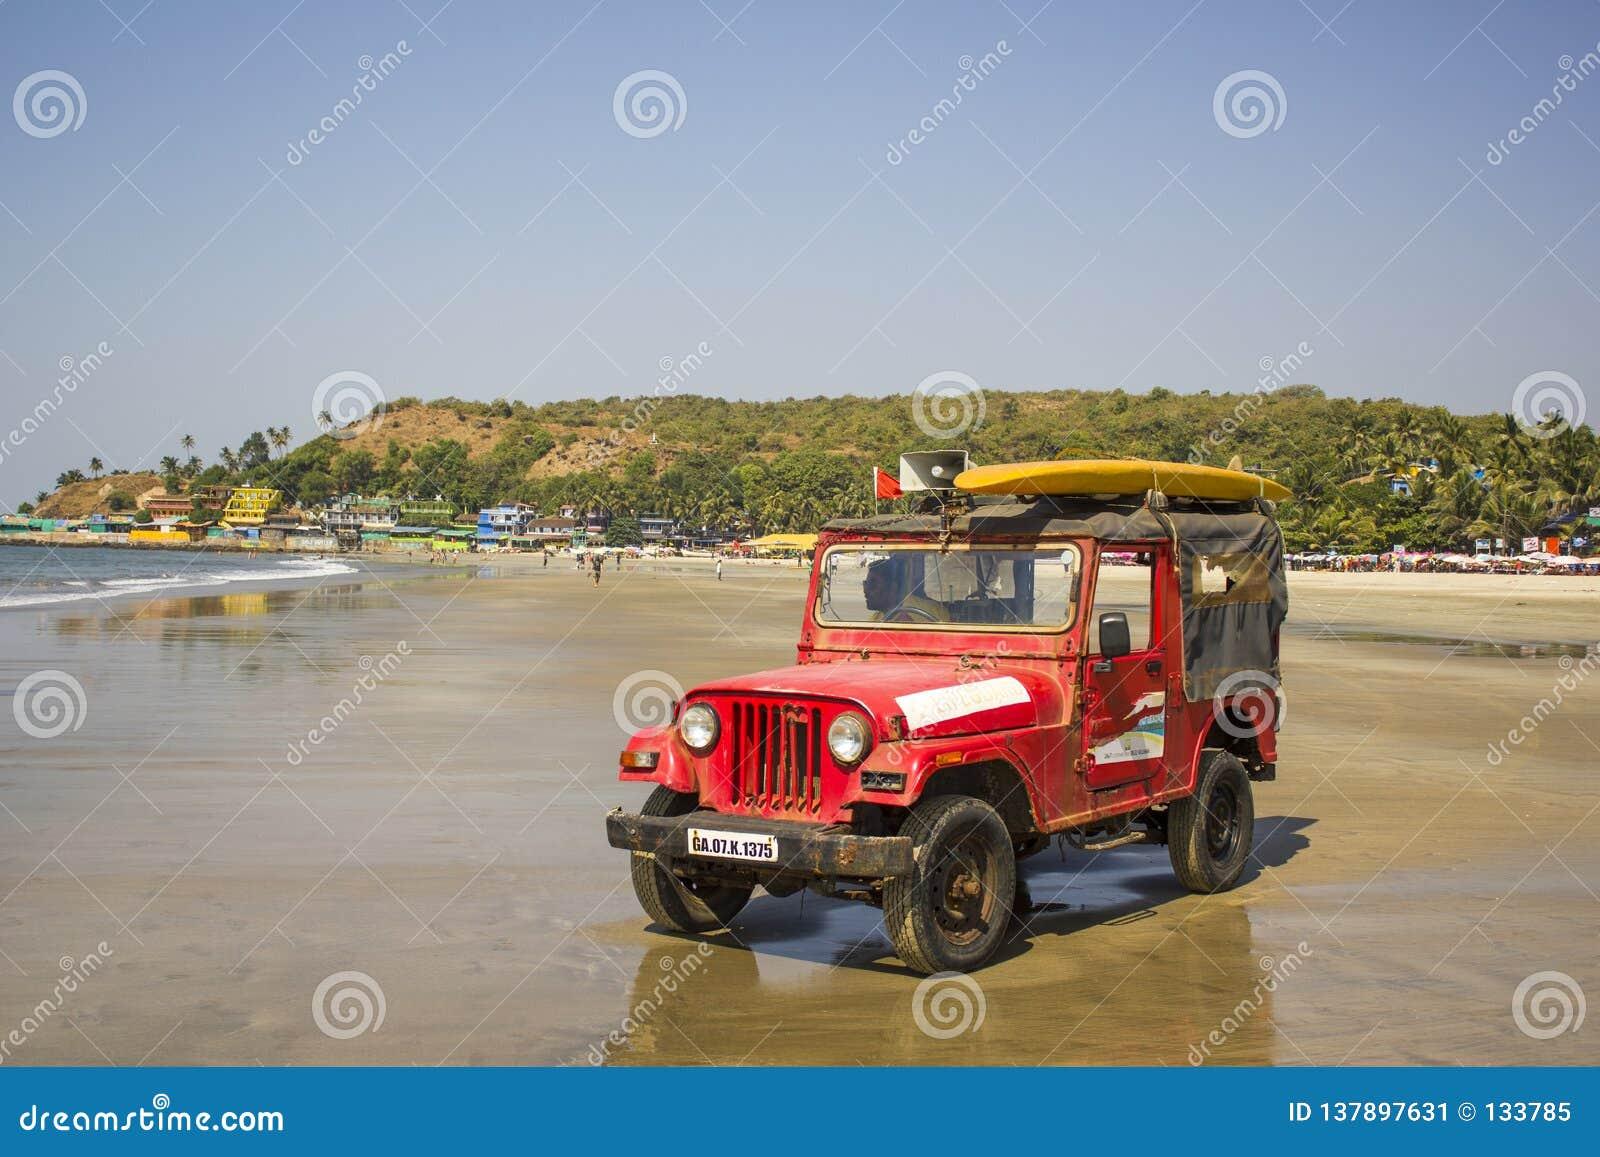 De rode reddingsauto met een luidspreker en een gele branding schepen op het dak, op een zandig strand in